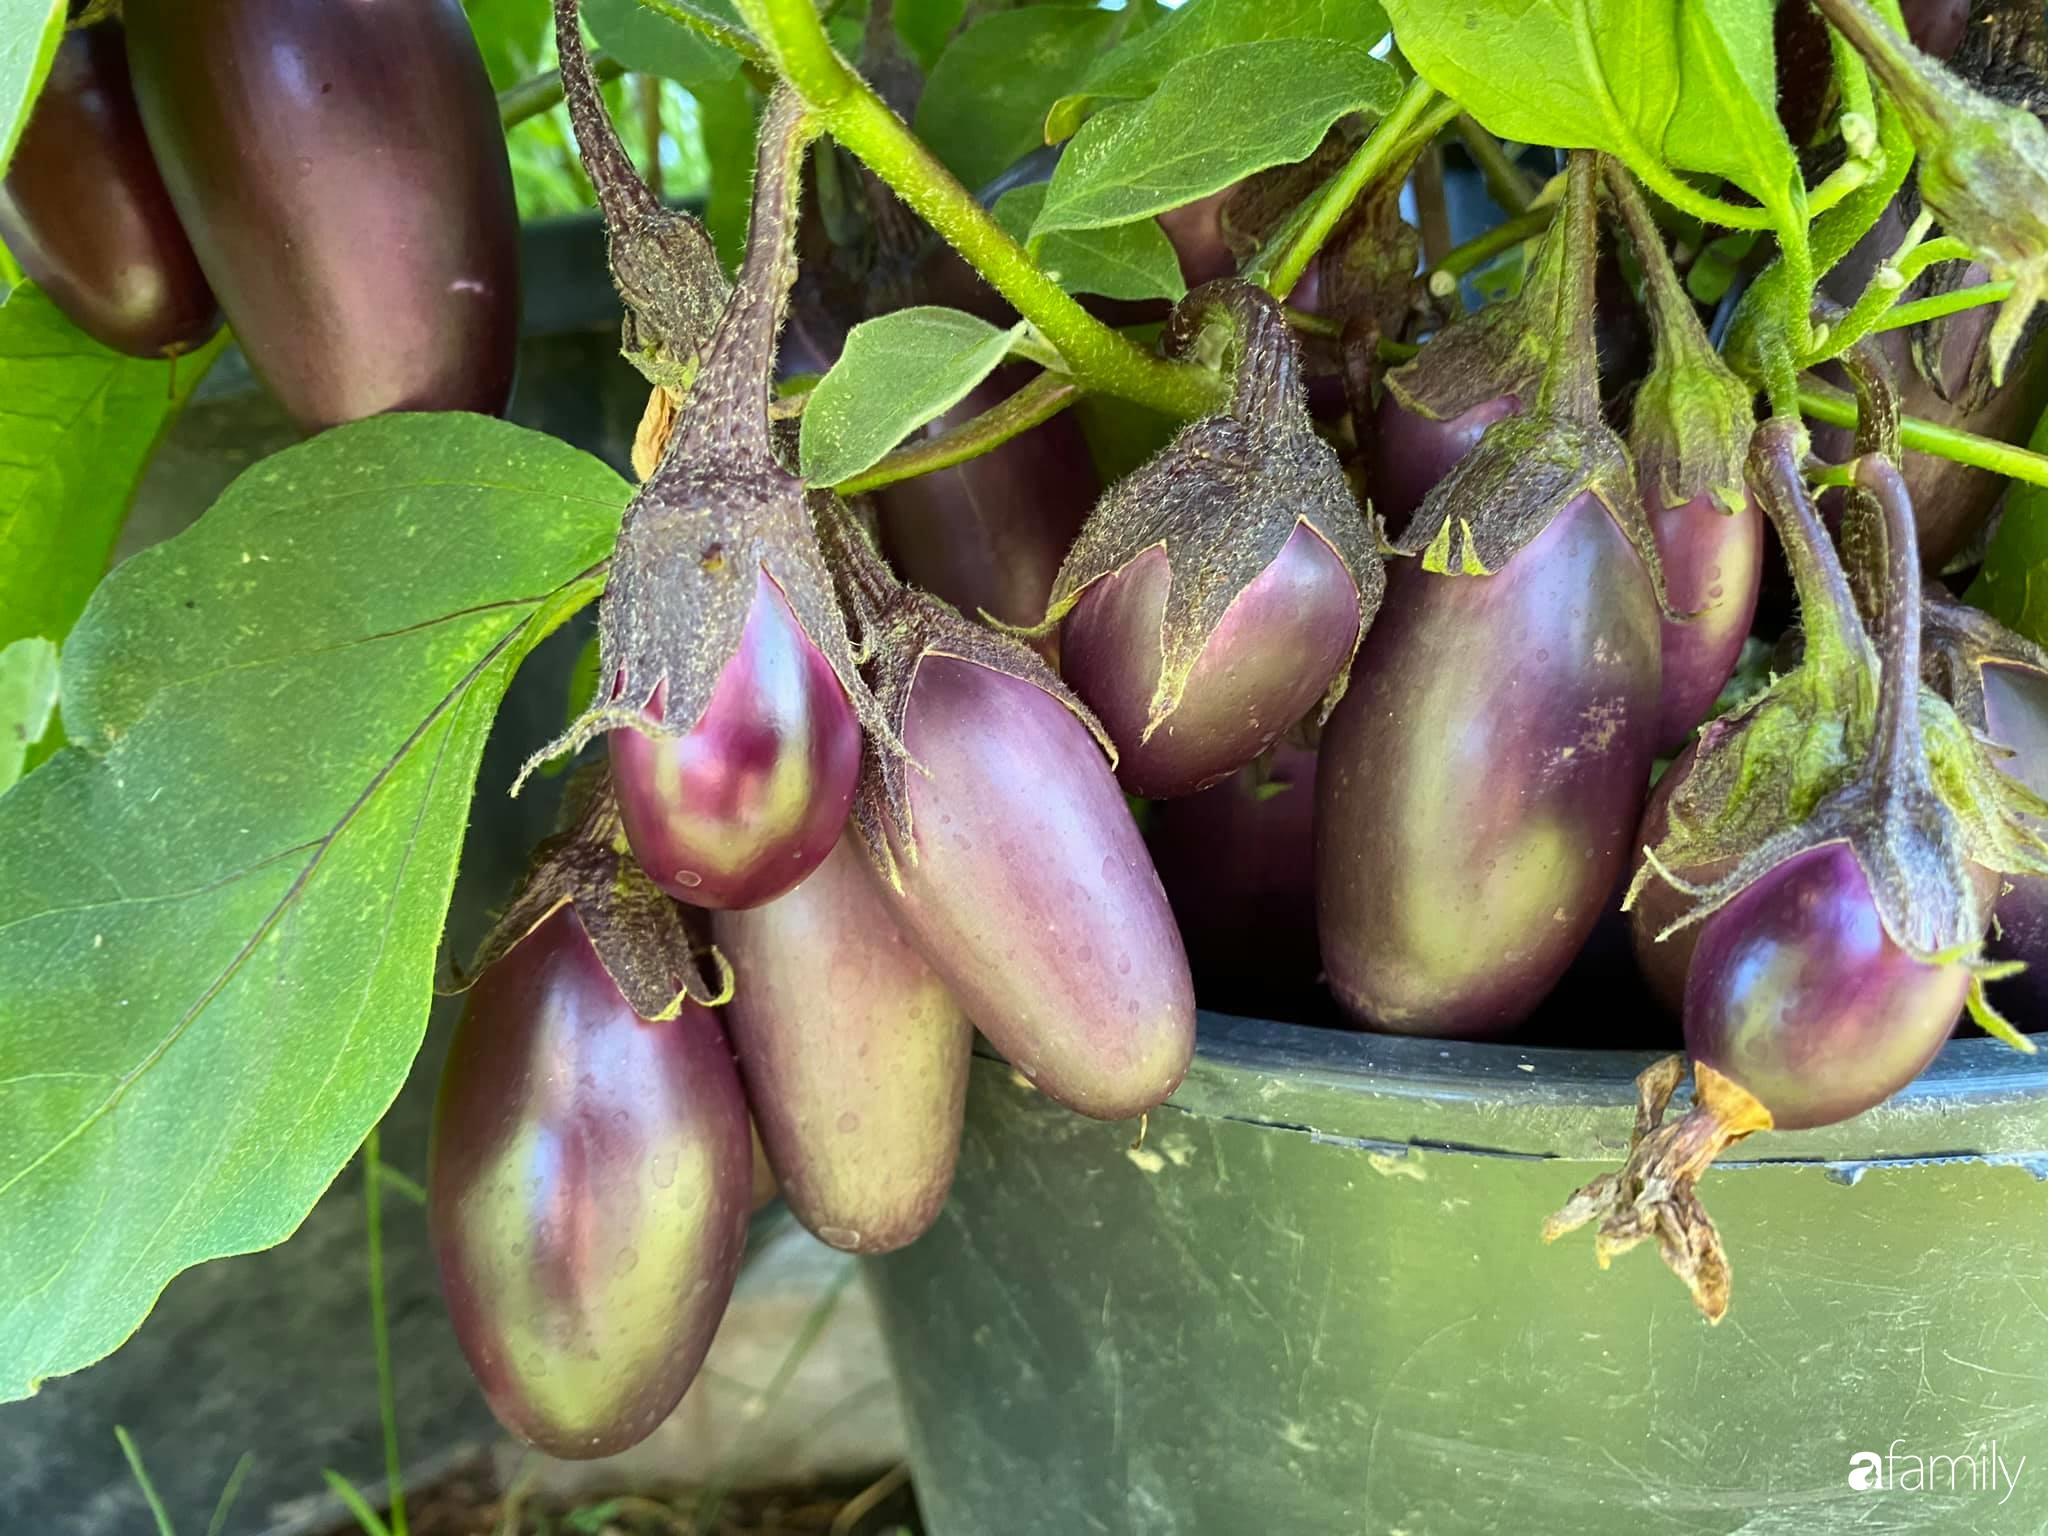 Khu vườn 200m² quanh năm xanh tươi với đủ loại rau quả sạch của mẹ Việt ở Đức - Ảnh 18.